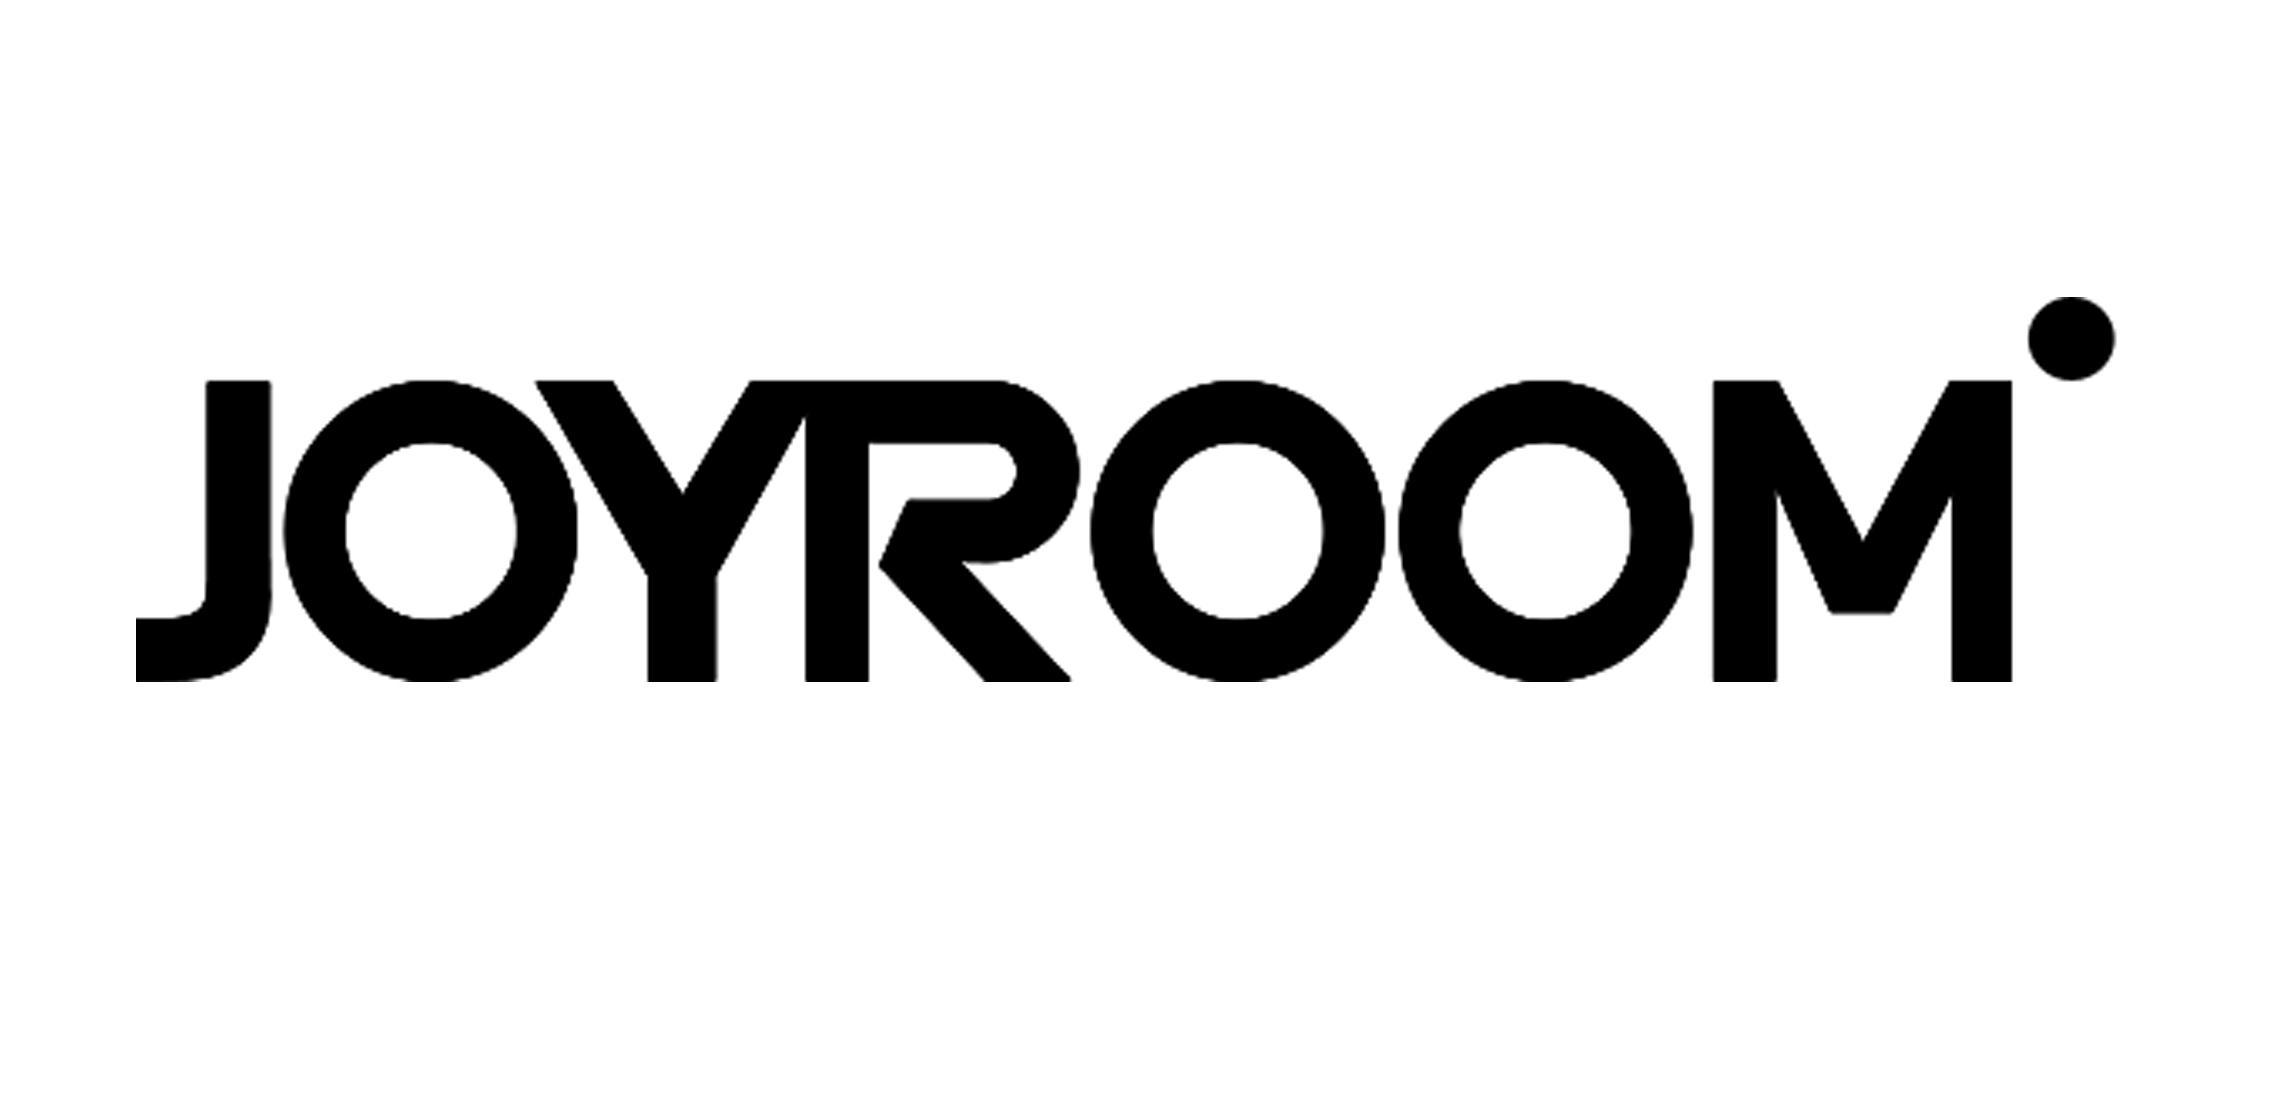 6. Joyroom